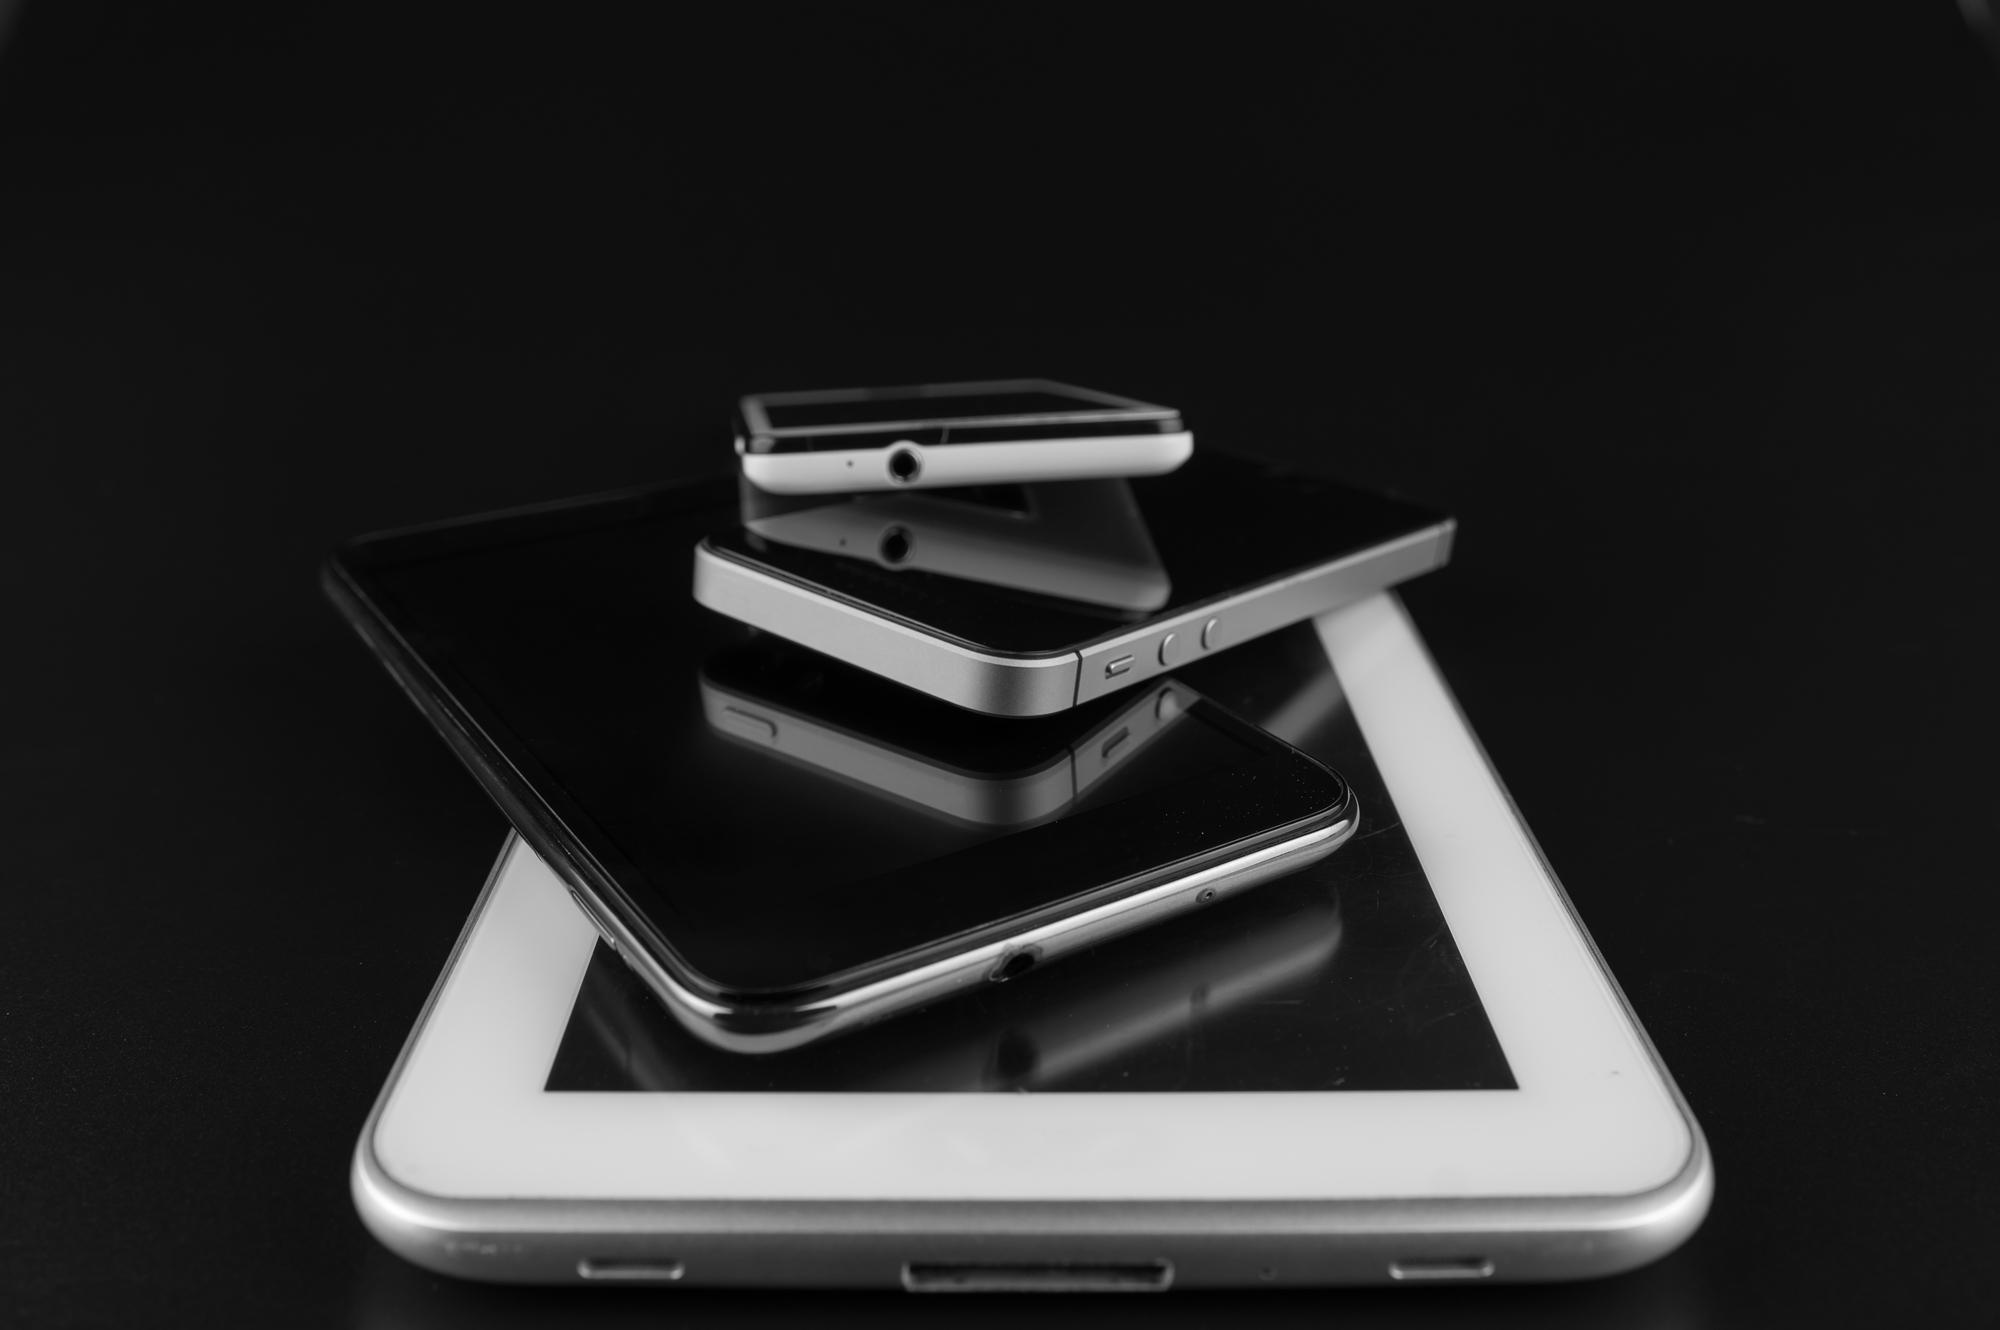 Primeros smartphones y tabletas que transformaron todo aún más pues se convirtieron en la principal fuente de navegación en Internet.